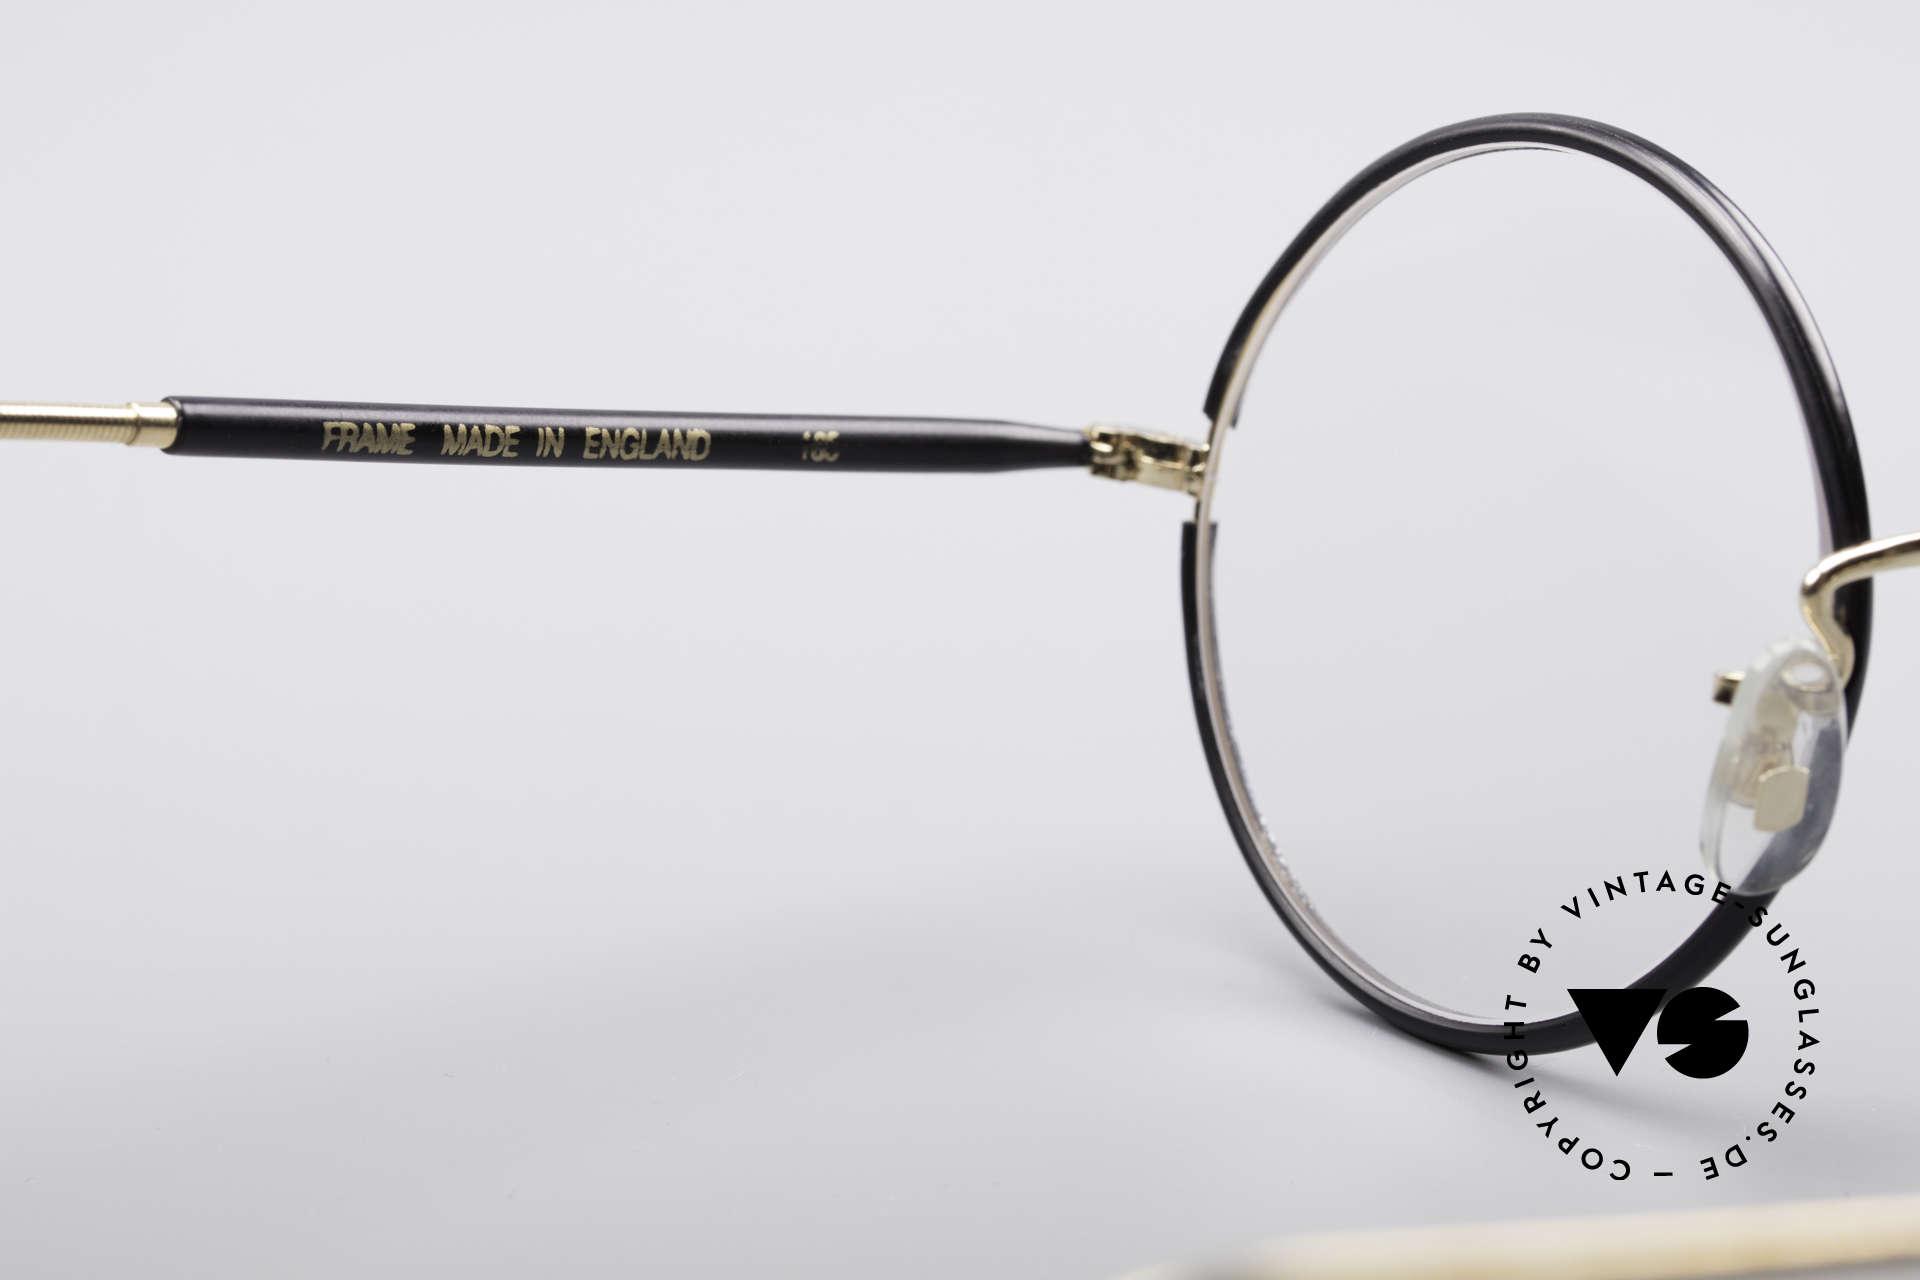 Savile Row Round 47/22 Harry Potter Brille, unbenutztes 'new old stock' Einzelstück in Gr. 47/22, Passend für Herren